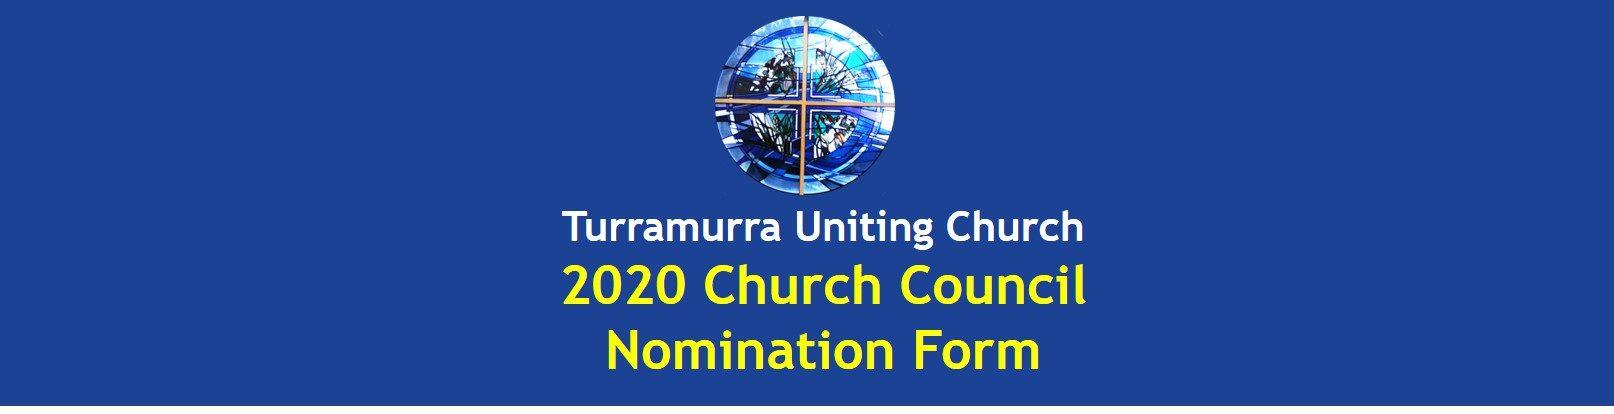 CCElection Nomination Form